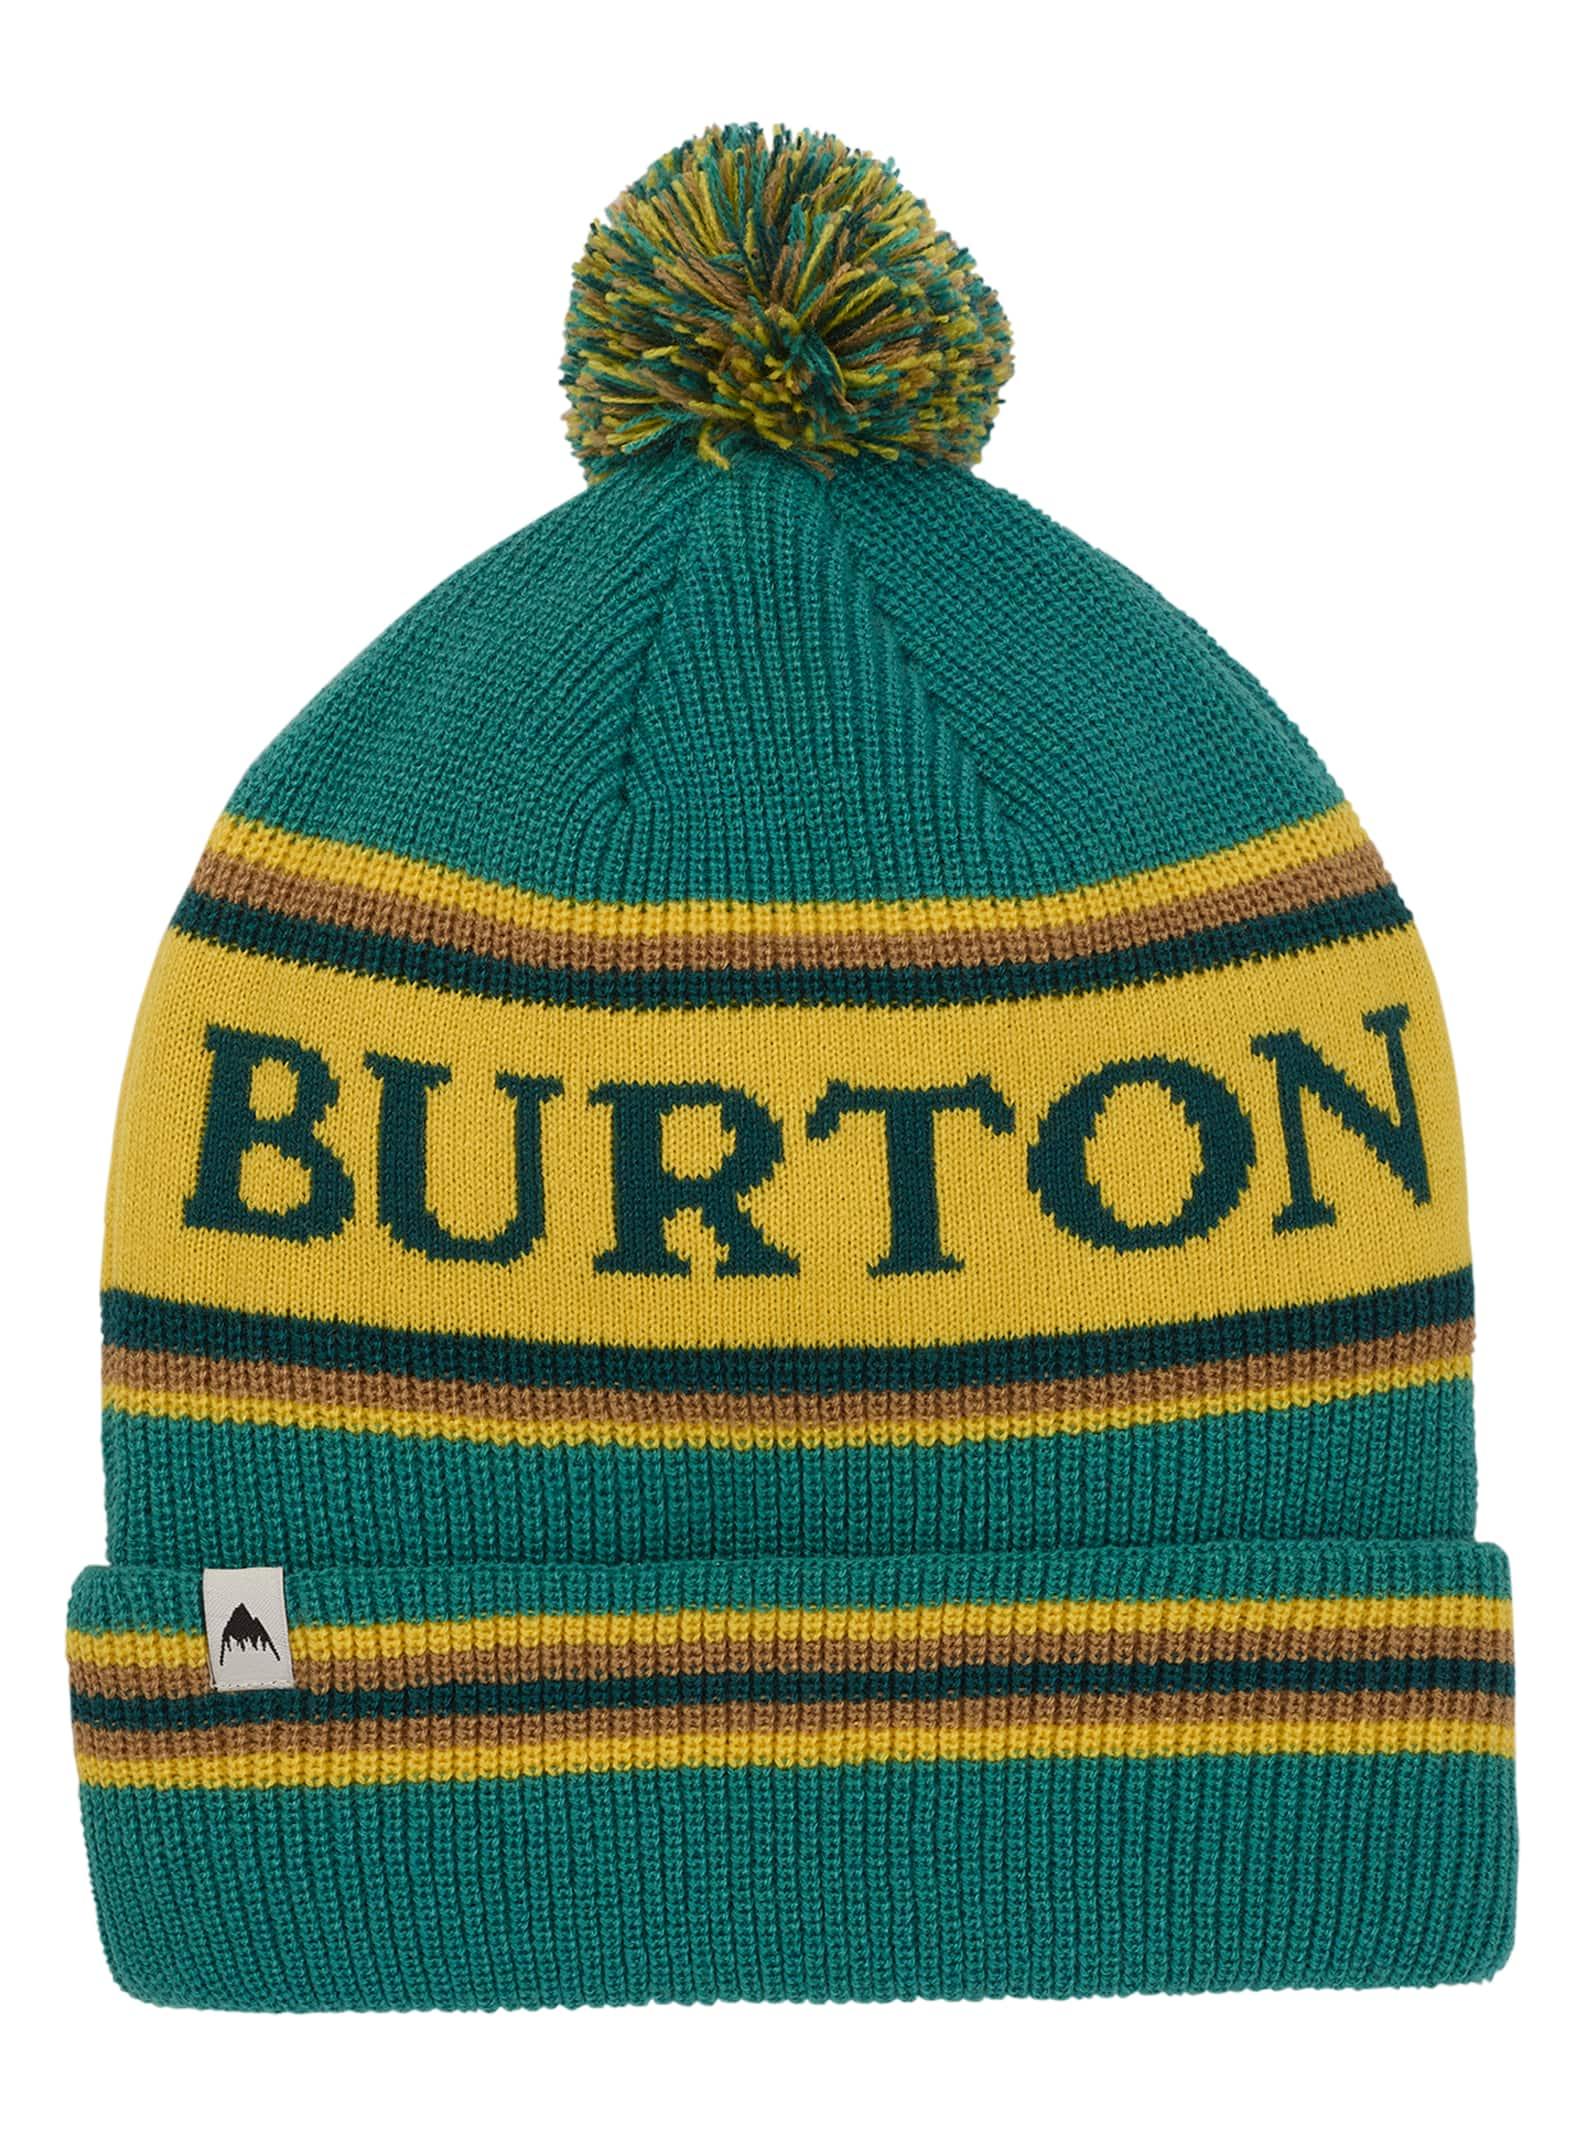 85c78ec9 Men's Hats & Beanies   Burton Snowboards